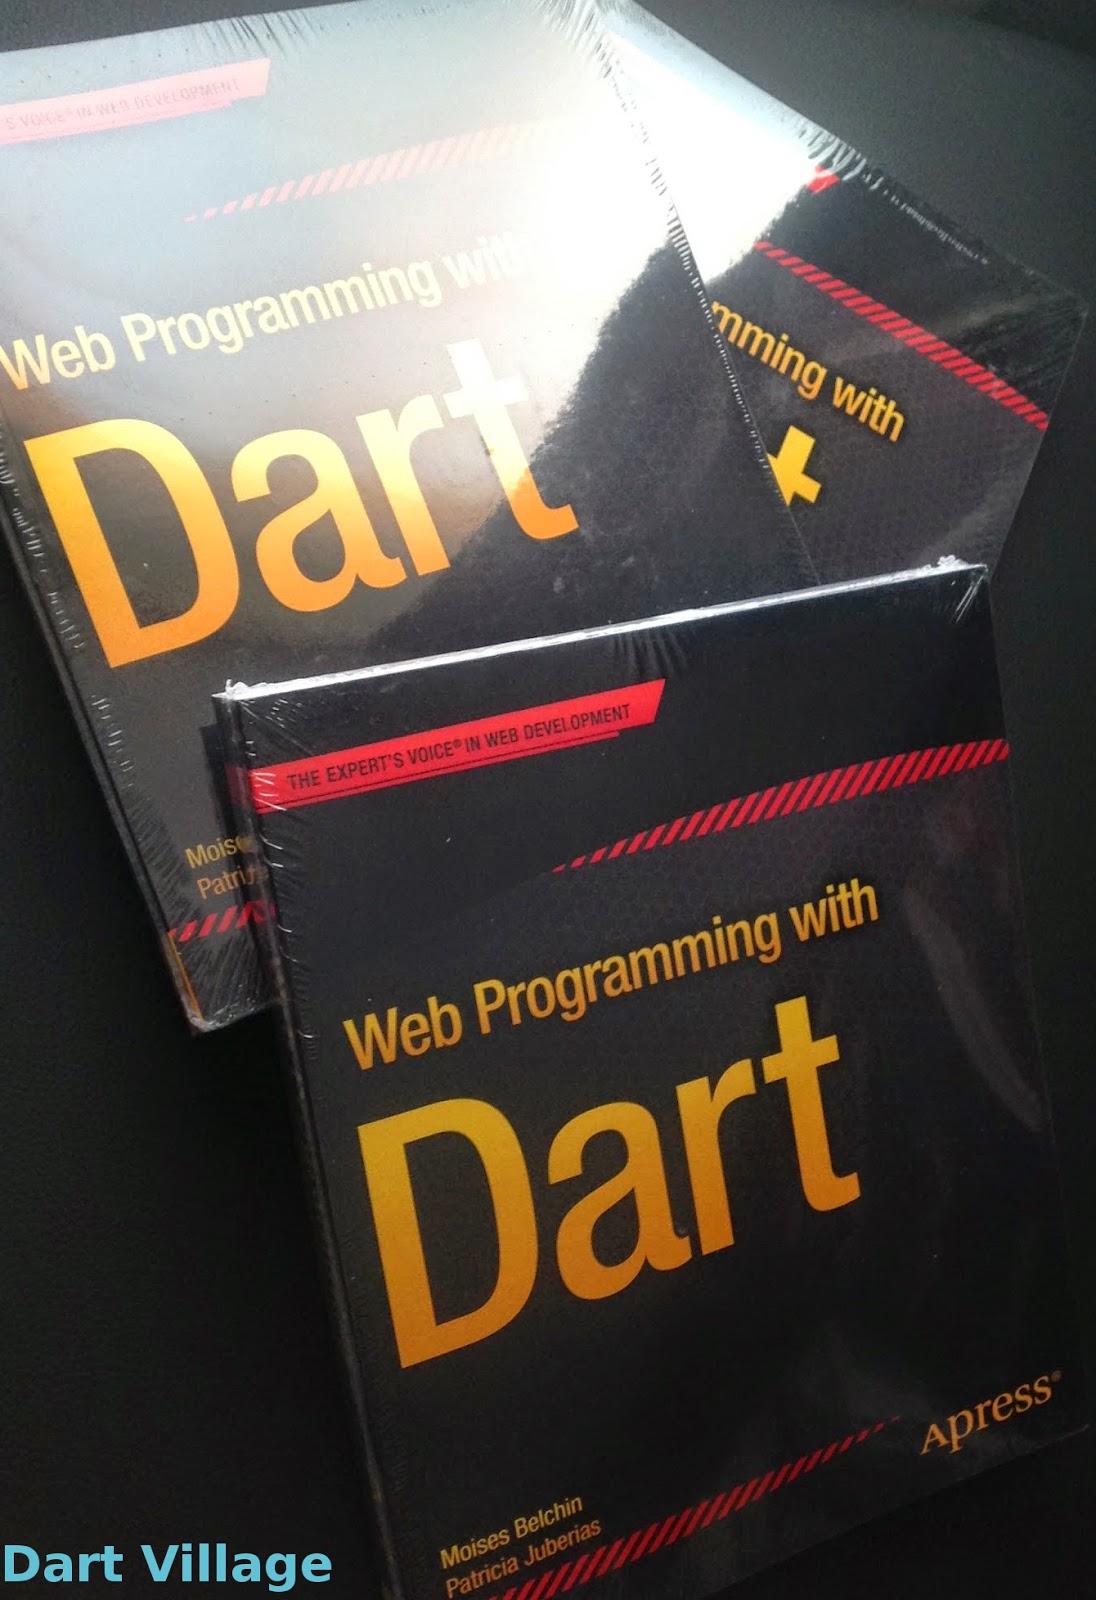 Book pdf programming web